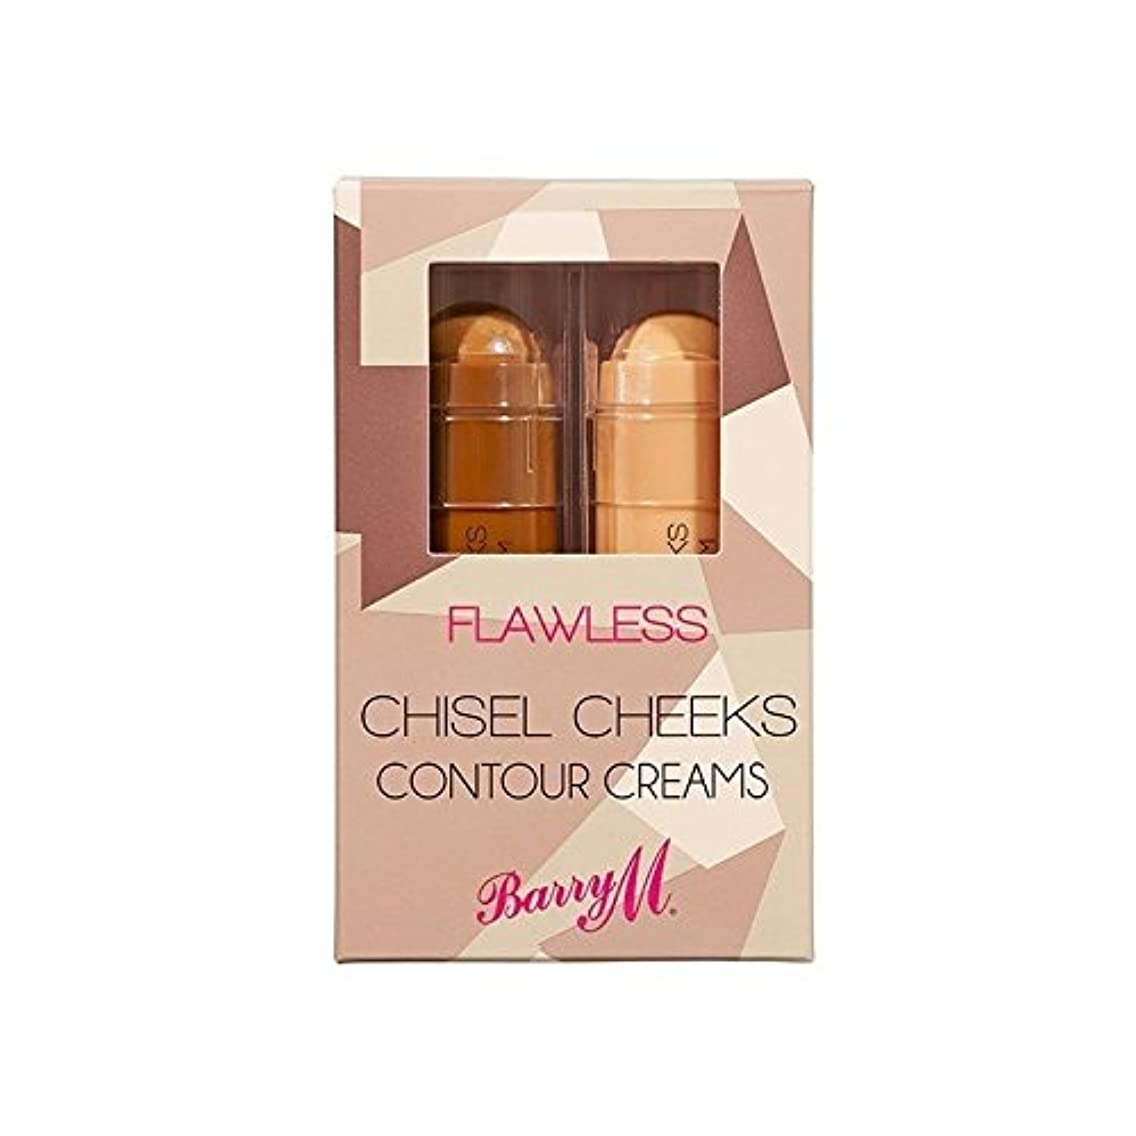 スライムメルボルンテニスバリーメートルチゼル頬の輪郭クリーム x4 - Barry M Chisel Cheek Contour Creams (Pack of 4) [並行輸入品]